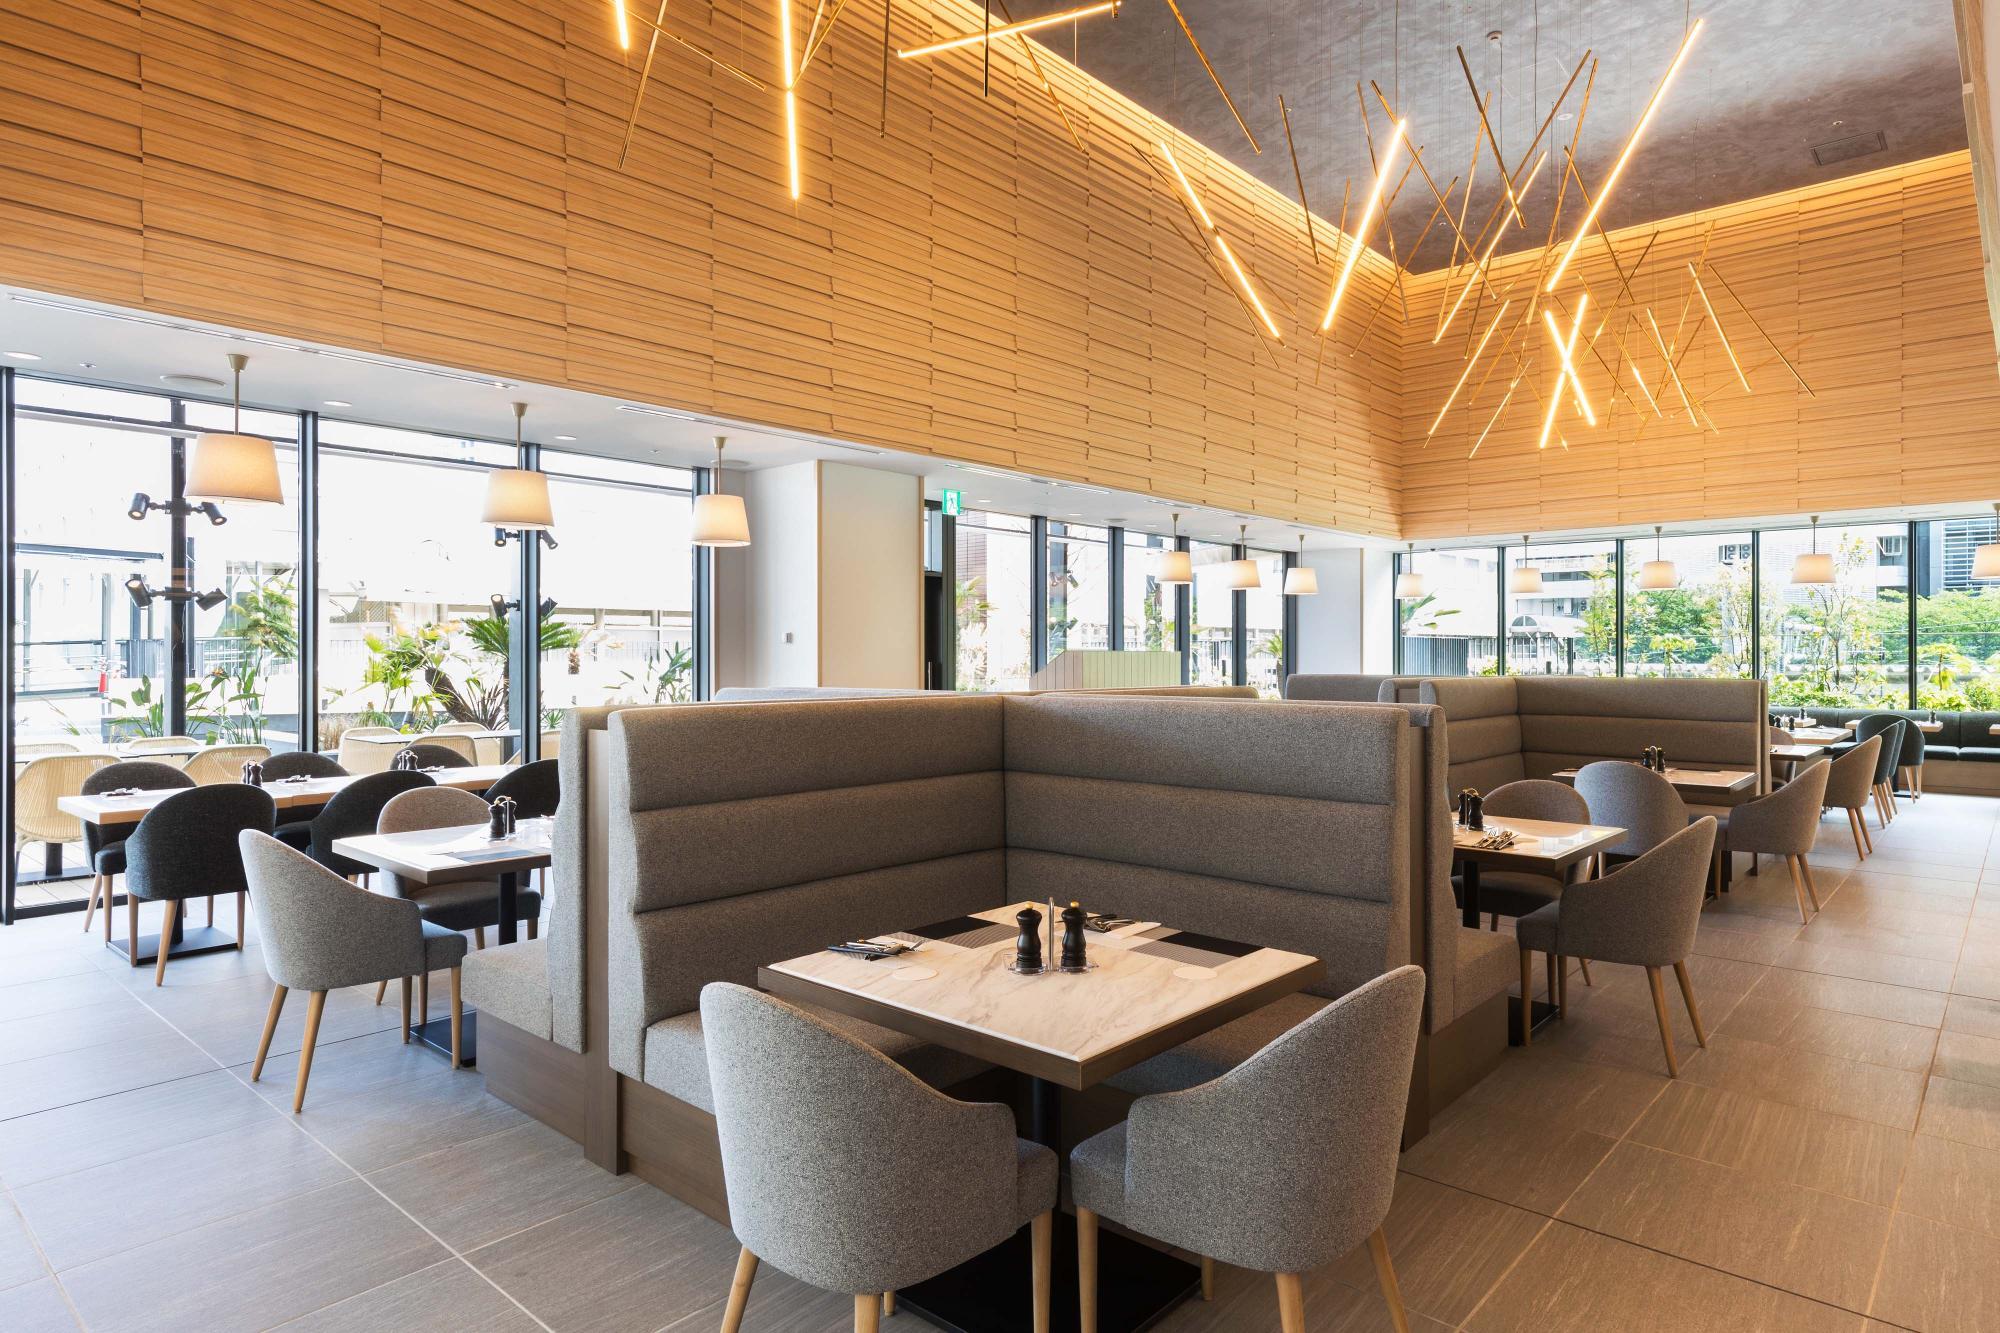 明るい雰囲気のTerrace & Tableはいろいろな用途で利用できる